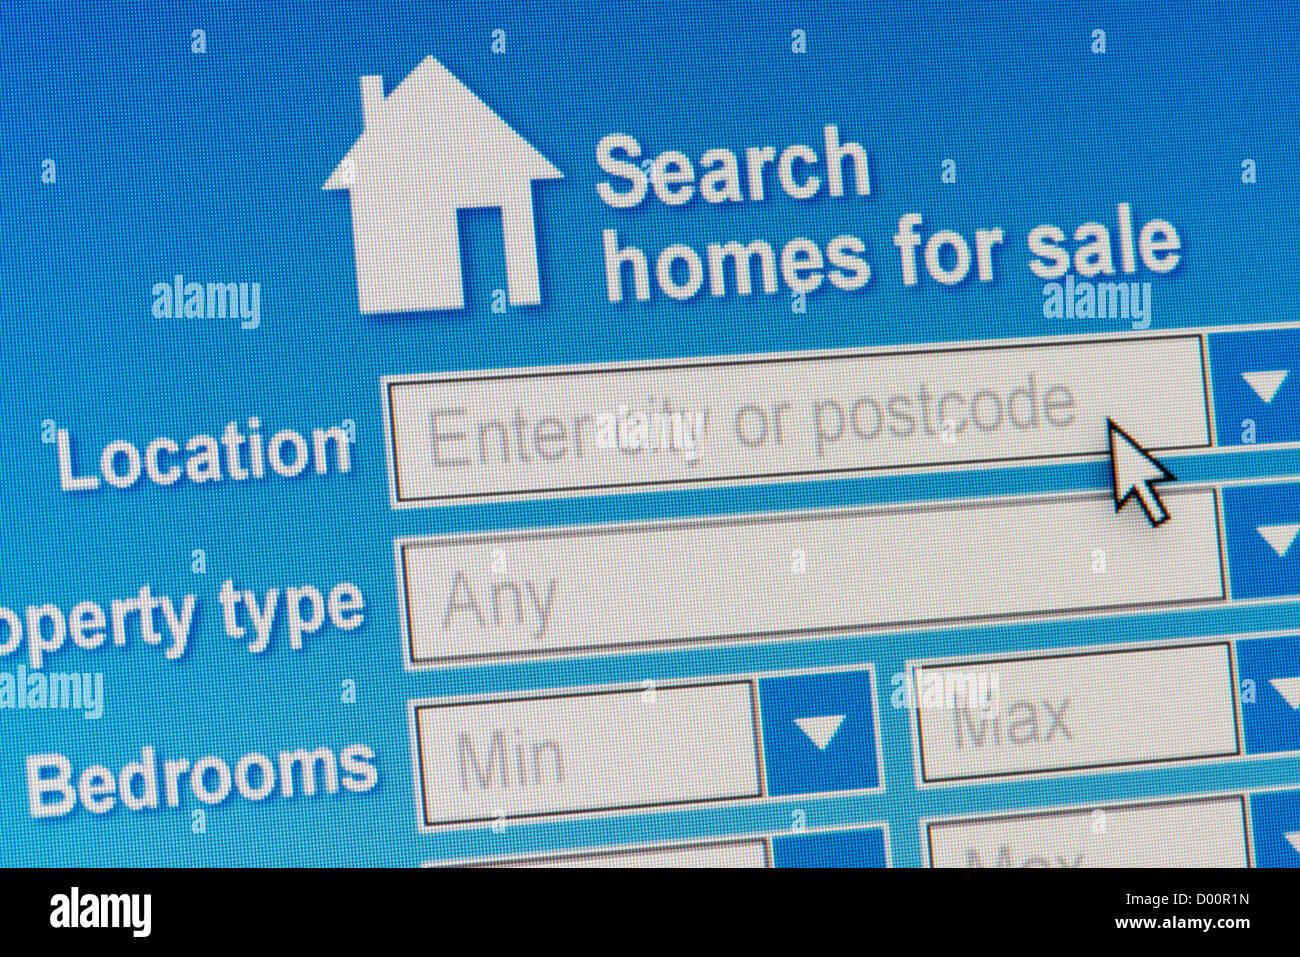 In prossimità di un sito fittizio invita gli utenti a eseguire una ricerca in un database di case in vendita, Immagini Stock